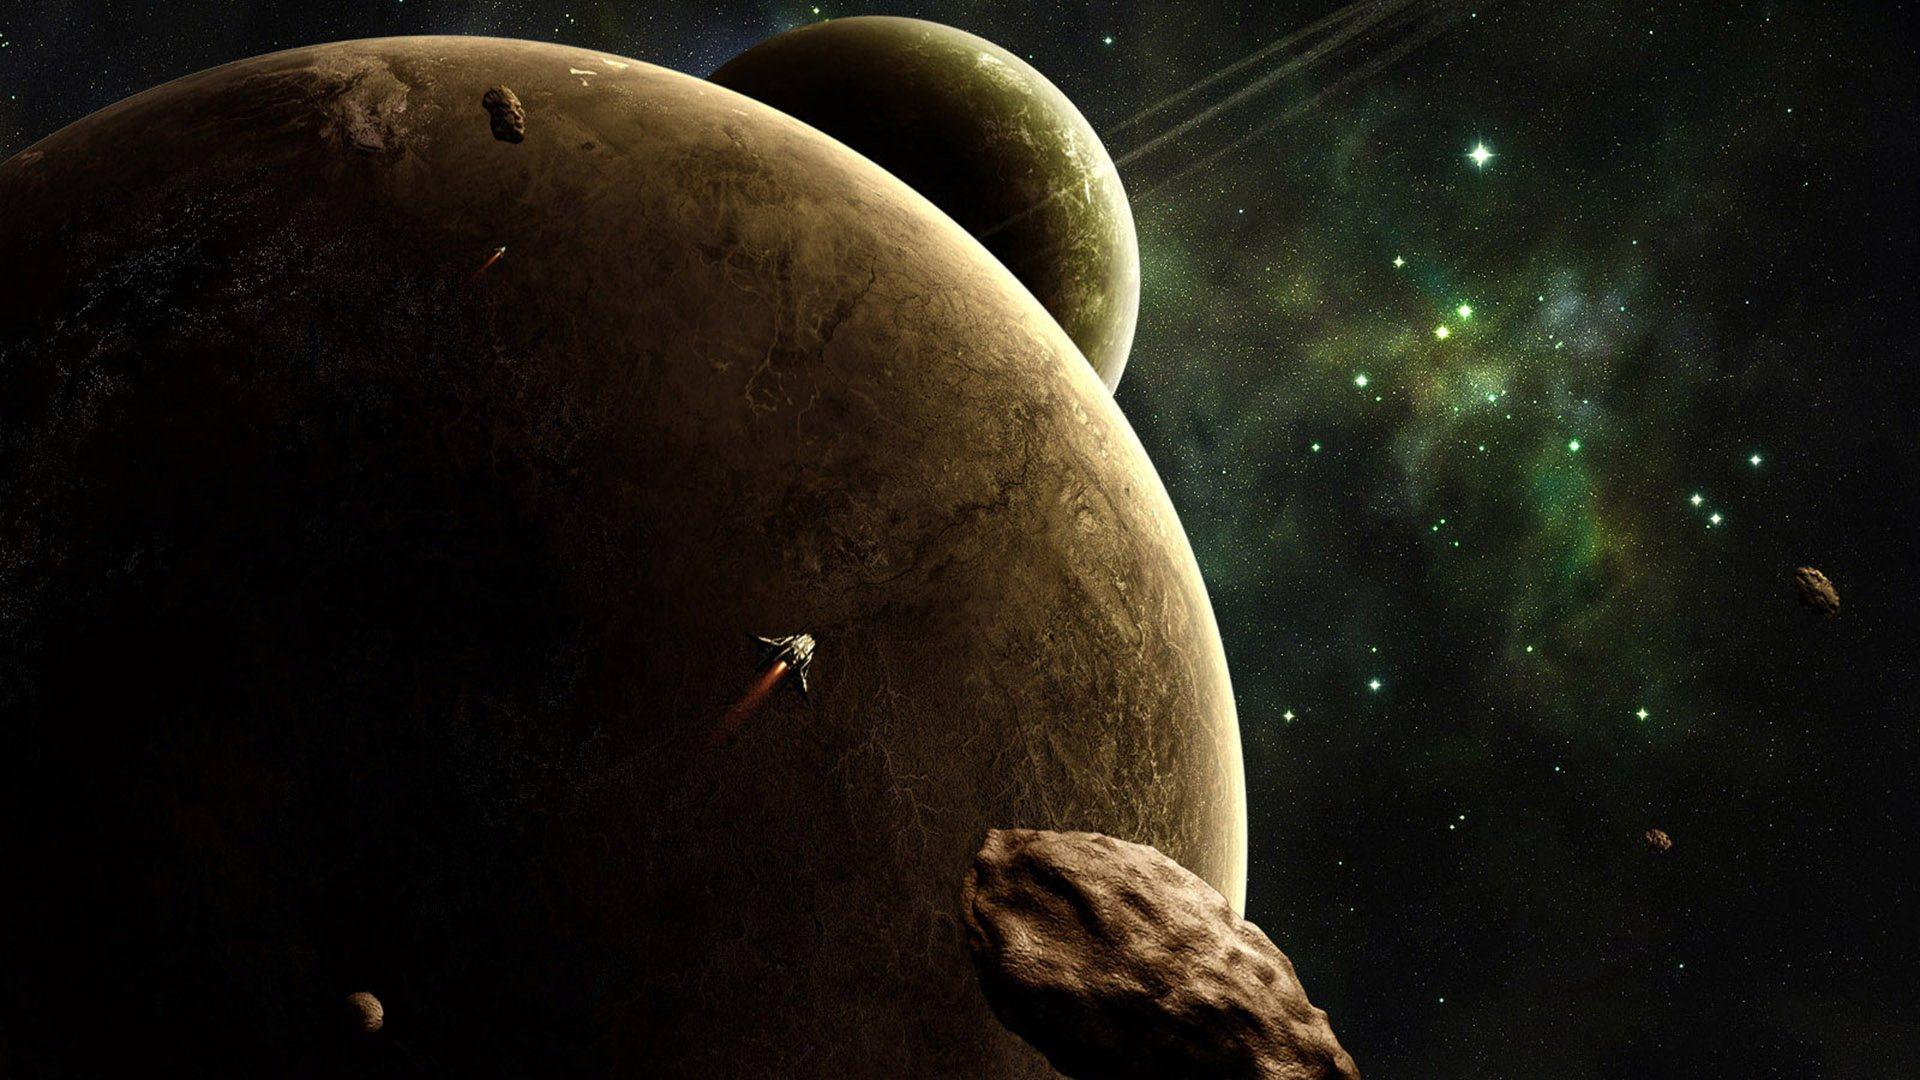 несколько планет, космос, звезды, скачать фото